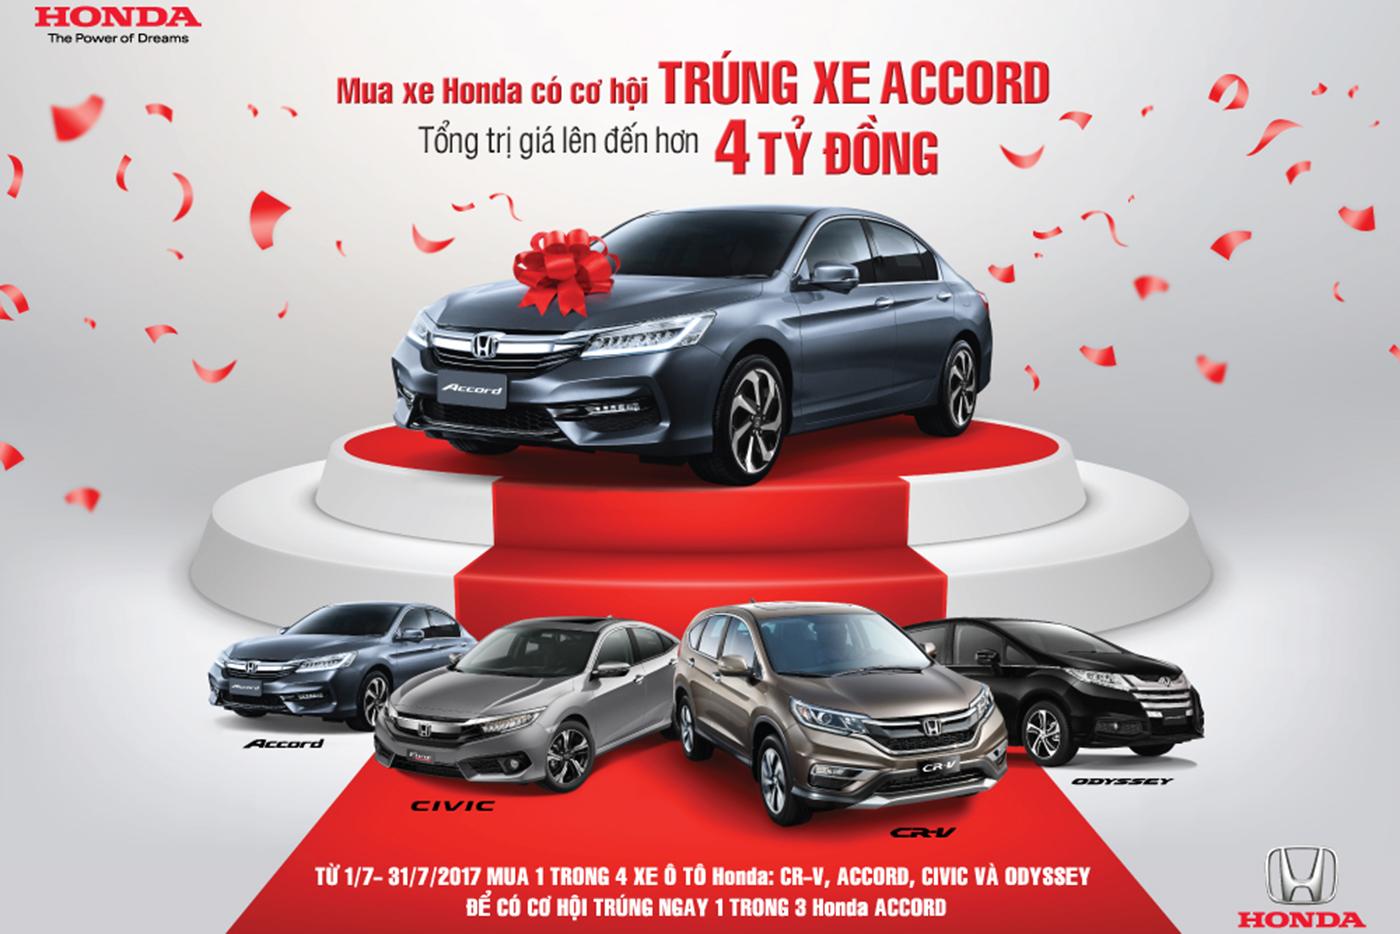 Cơ hội trúng Honda Accord khi mua xe Honda trong tháng 7